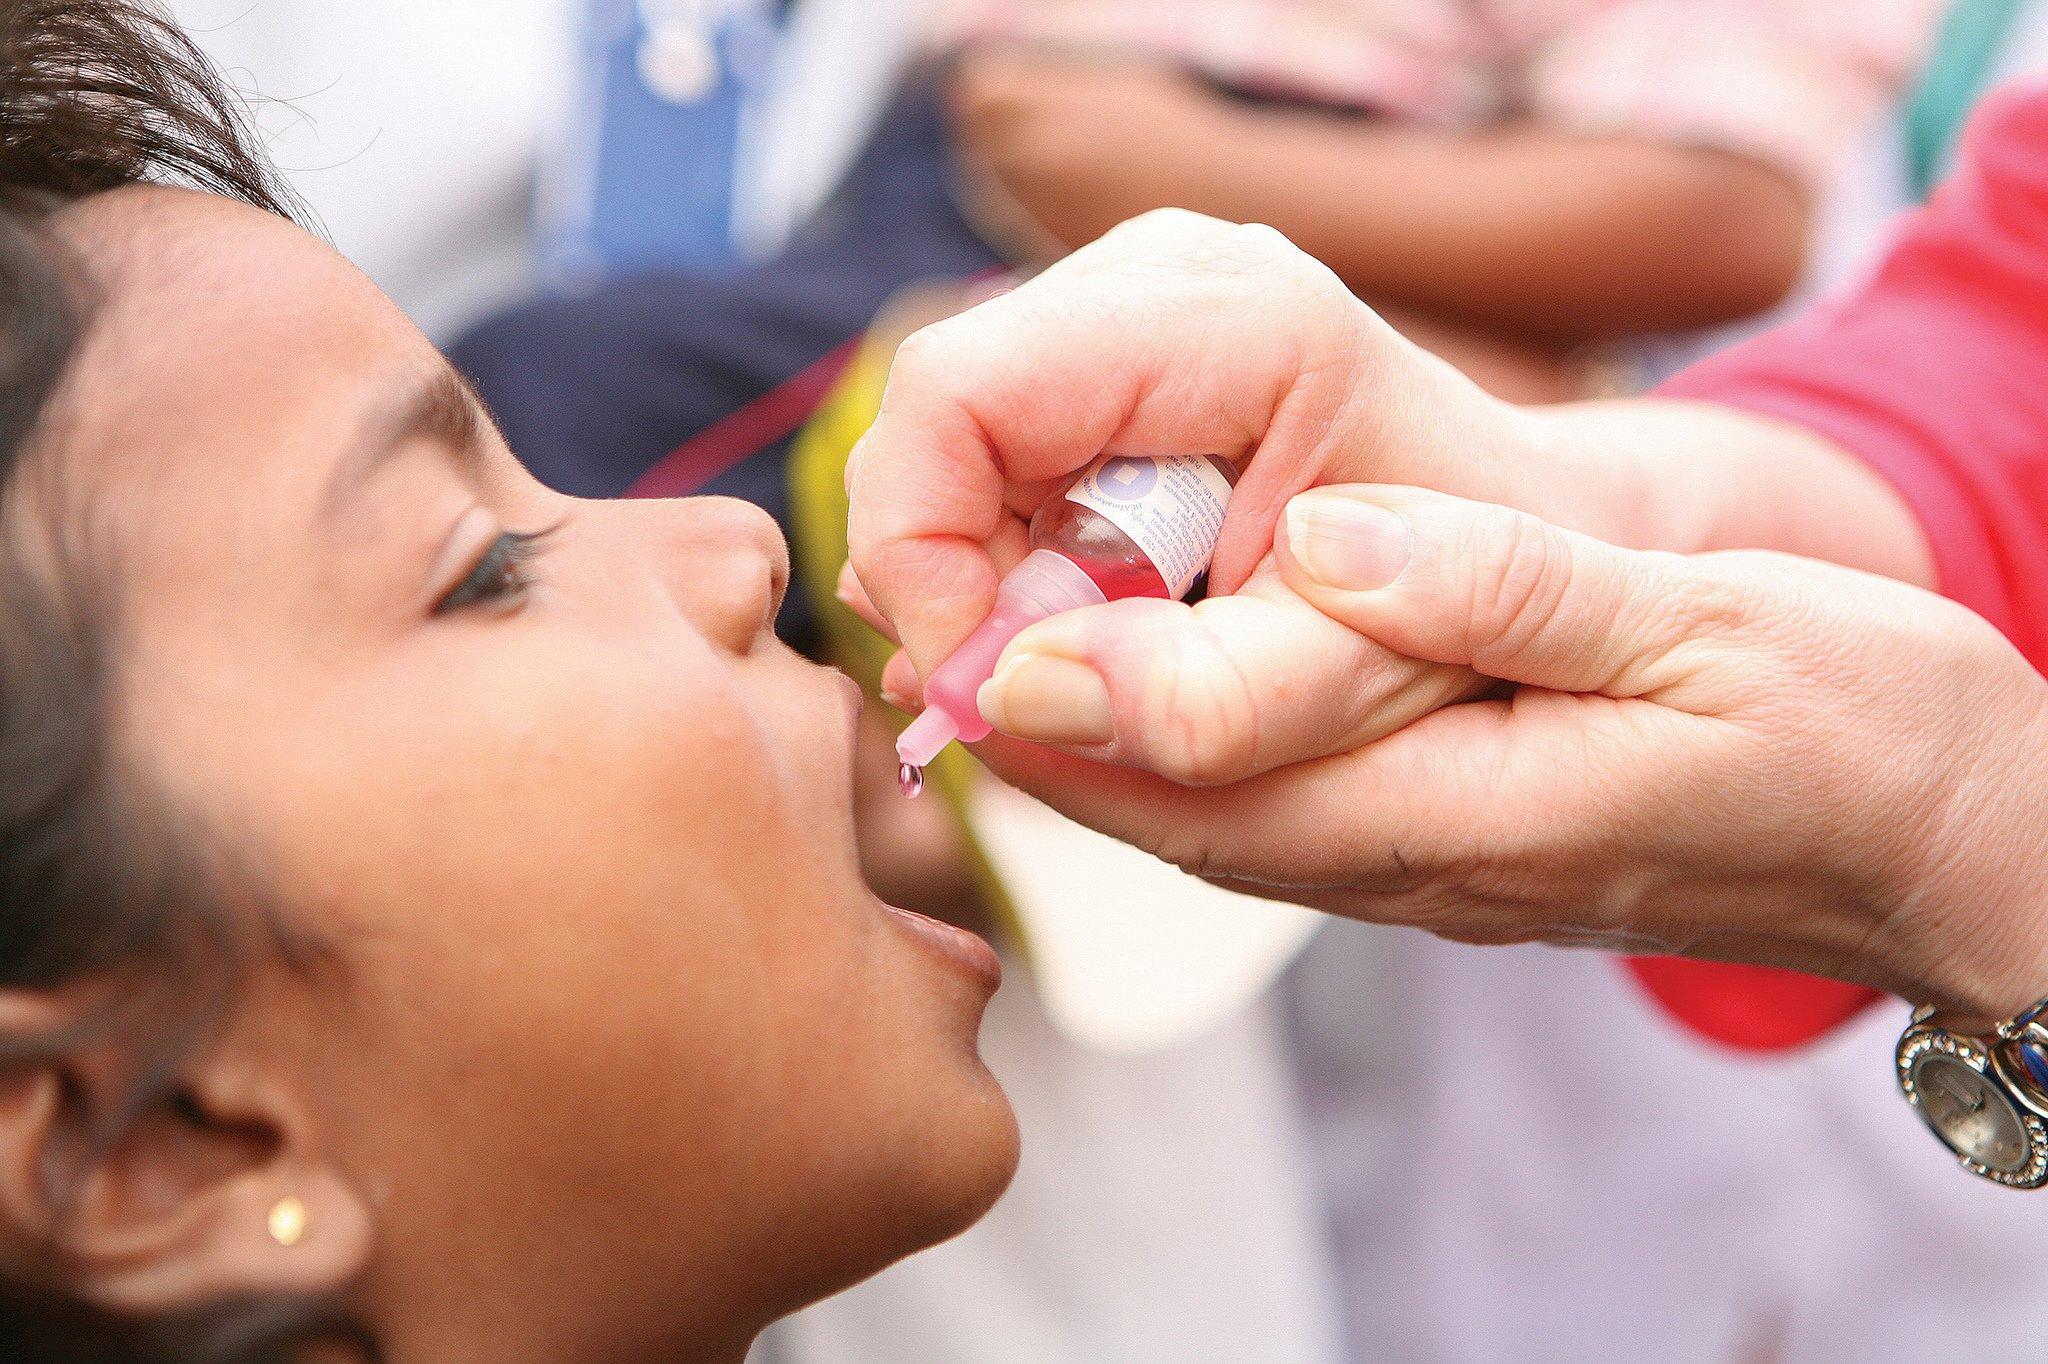 Вакцина против полиомиелита, вызывающая ... полиомиелит